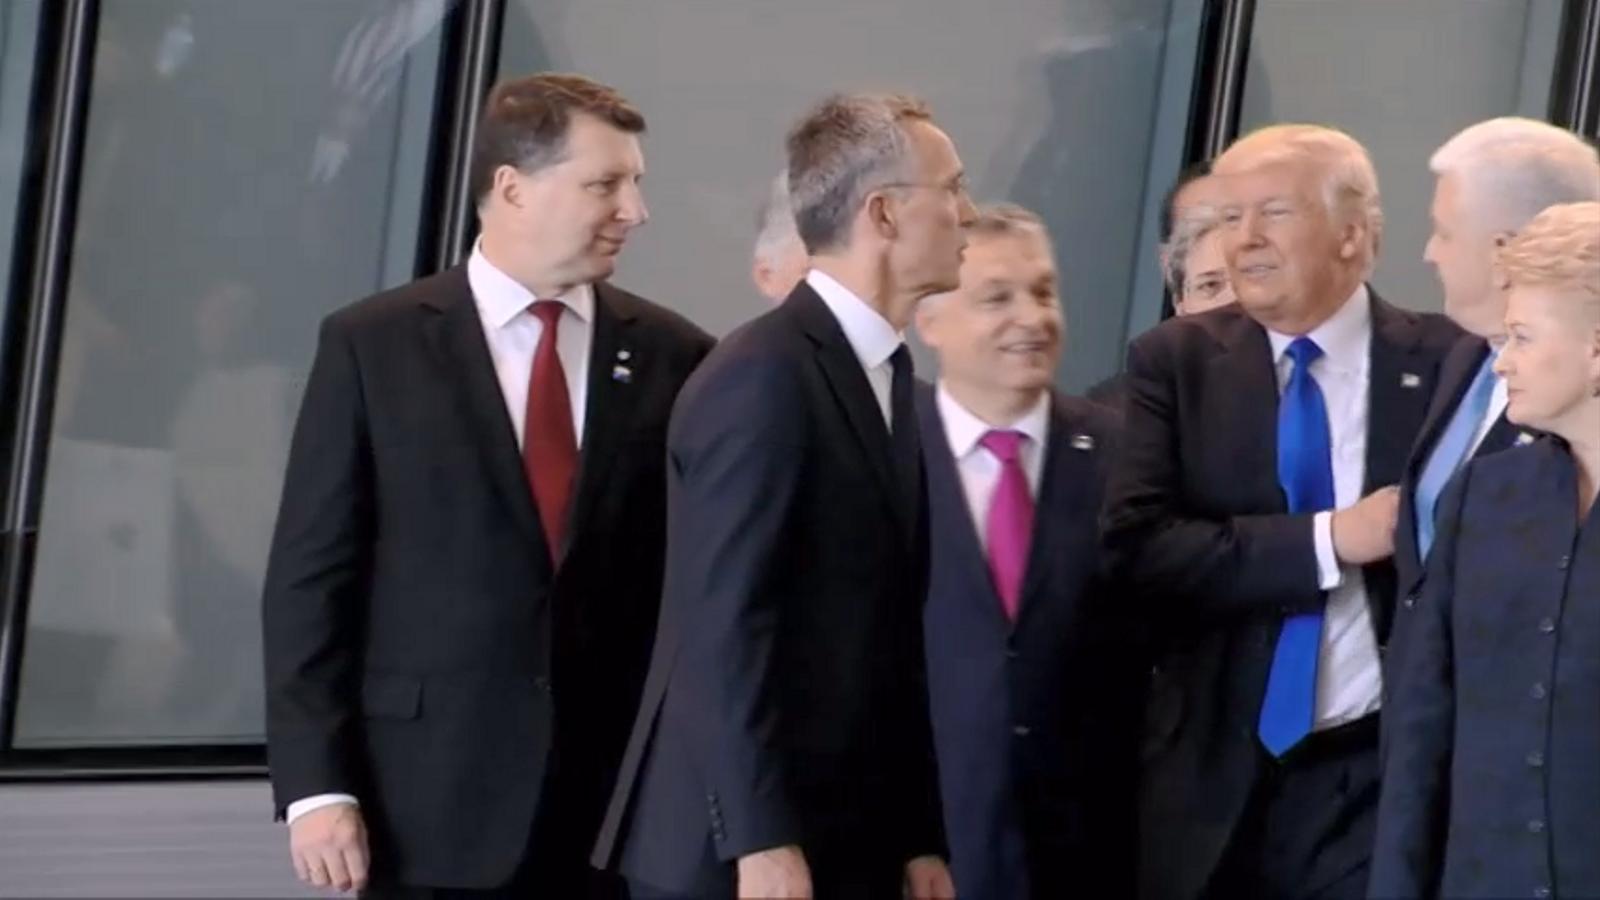 Trump aparta el primer ministre de Montenegro per fer-se lloc a la foto de família de l'OTAN